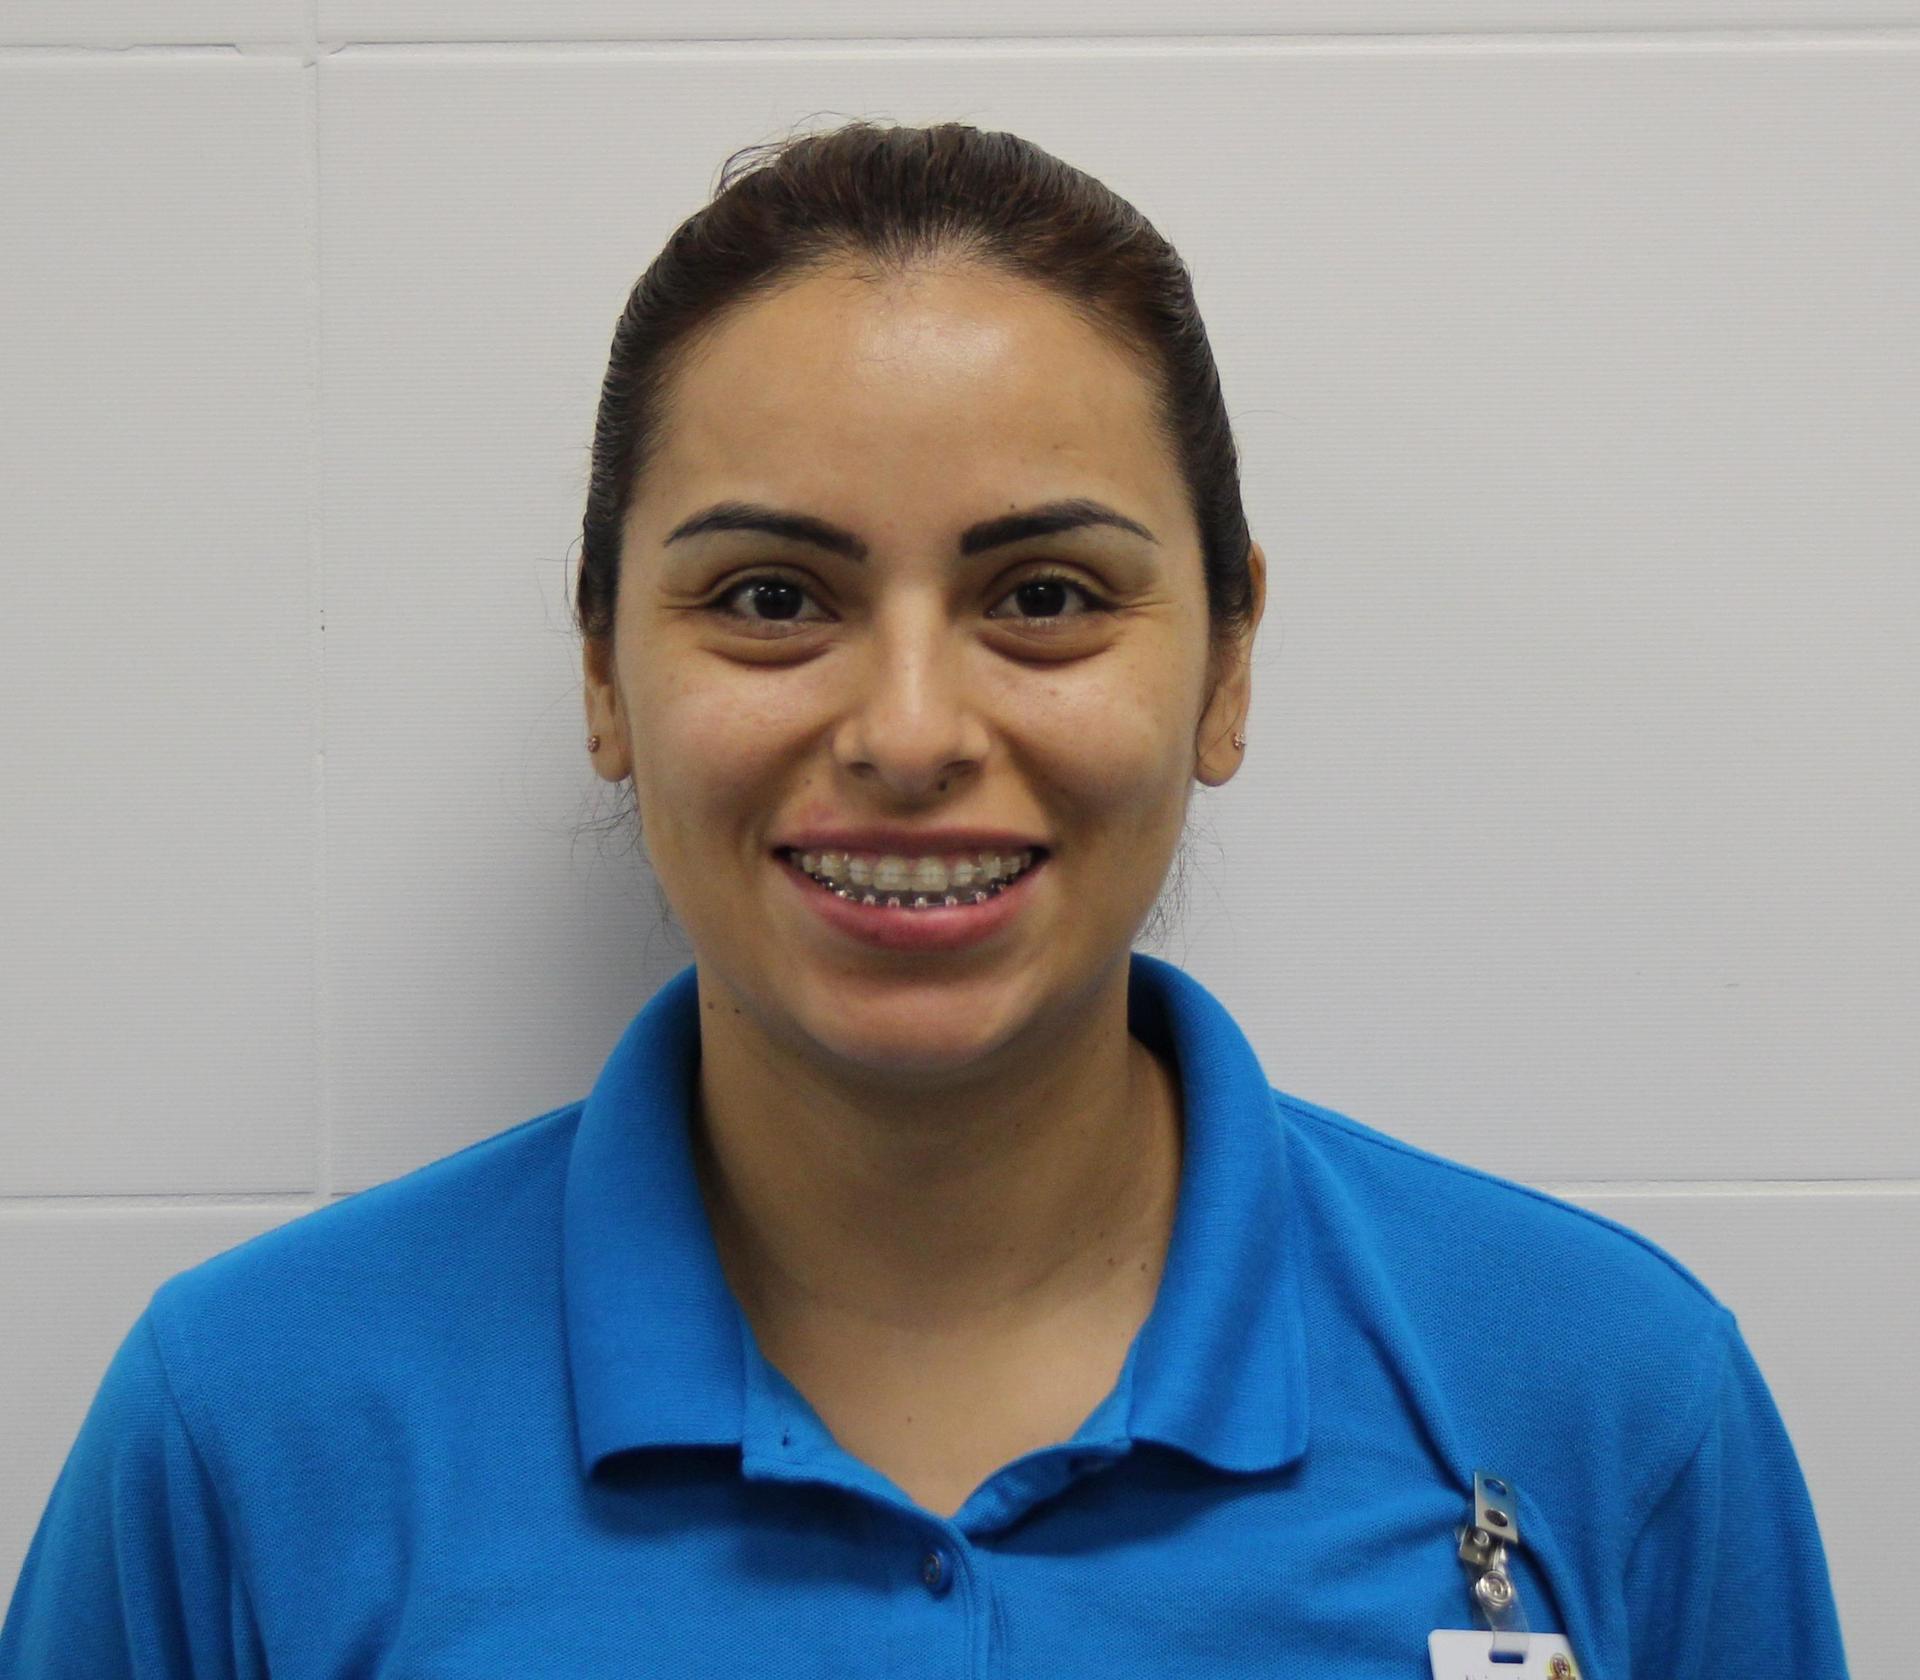 Abby Arellano